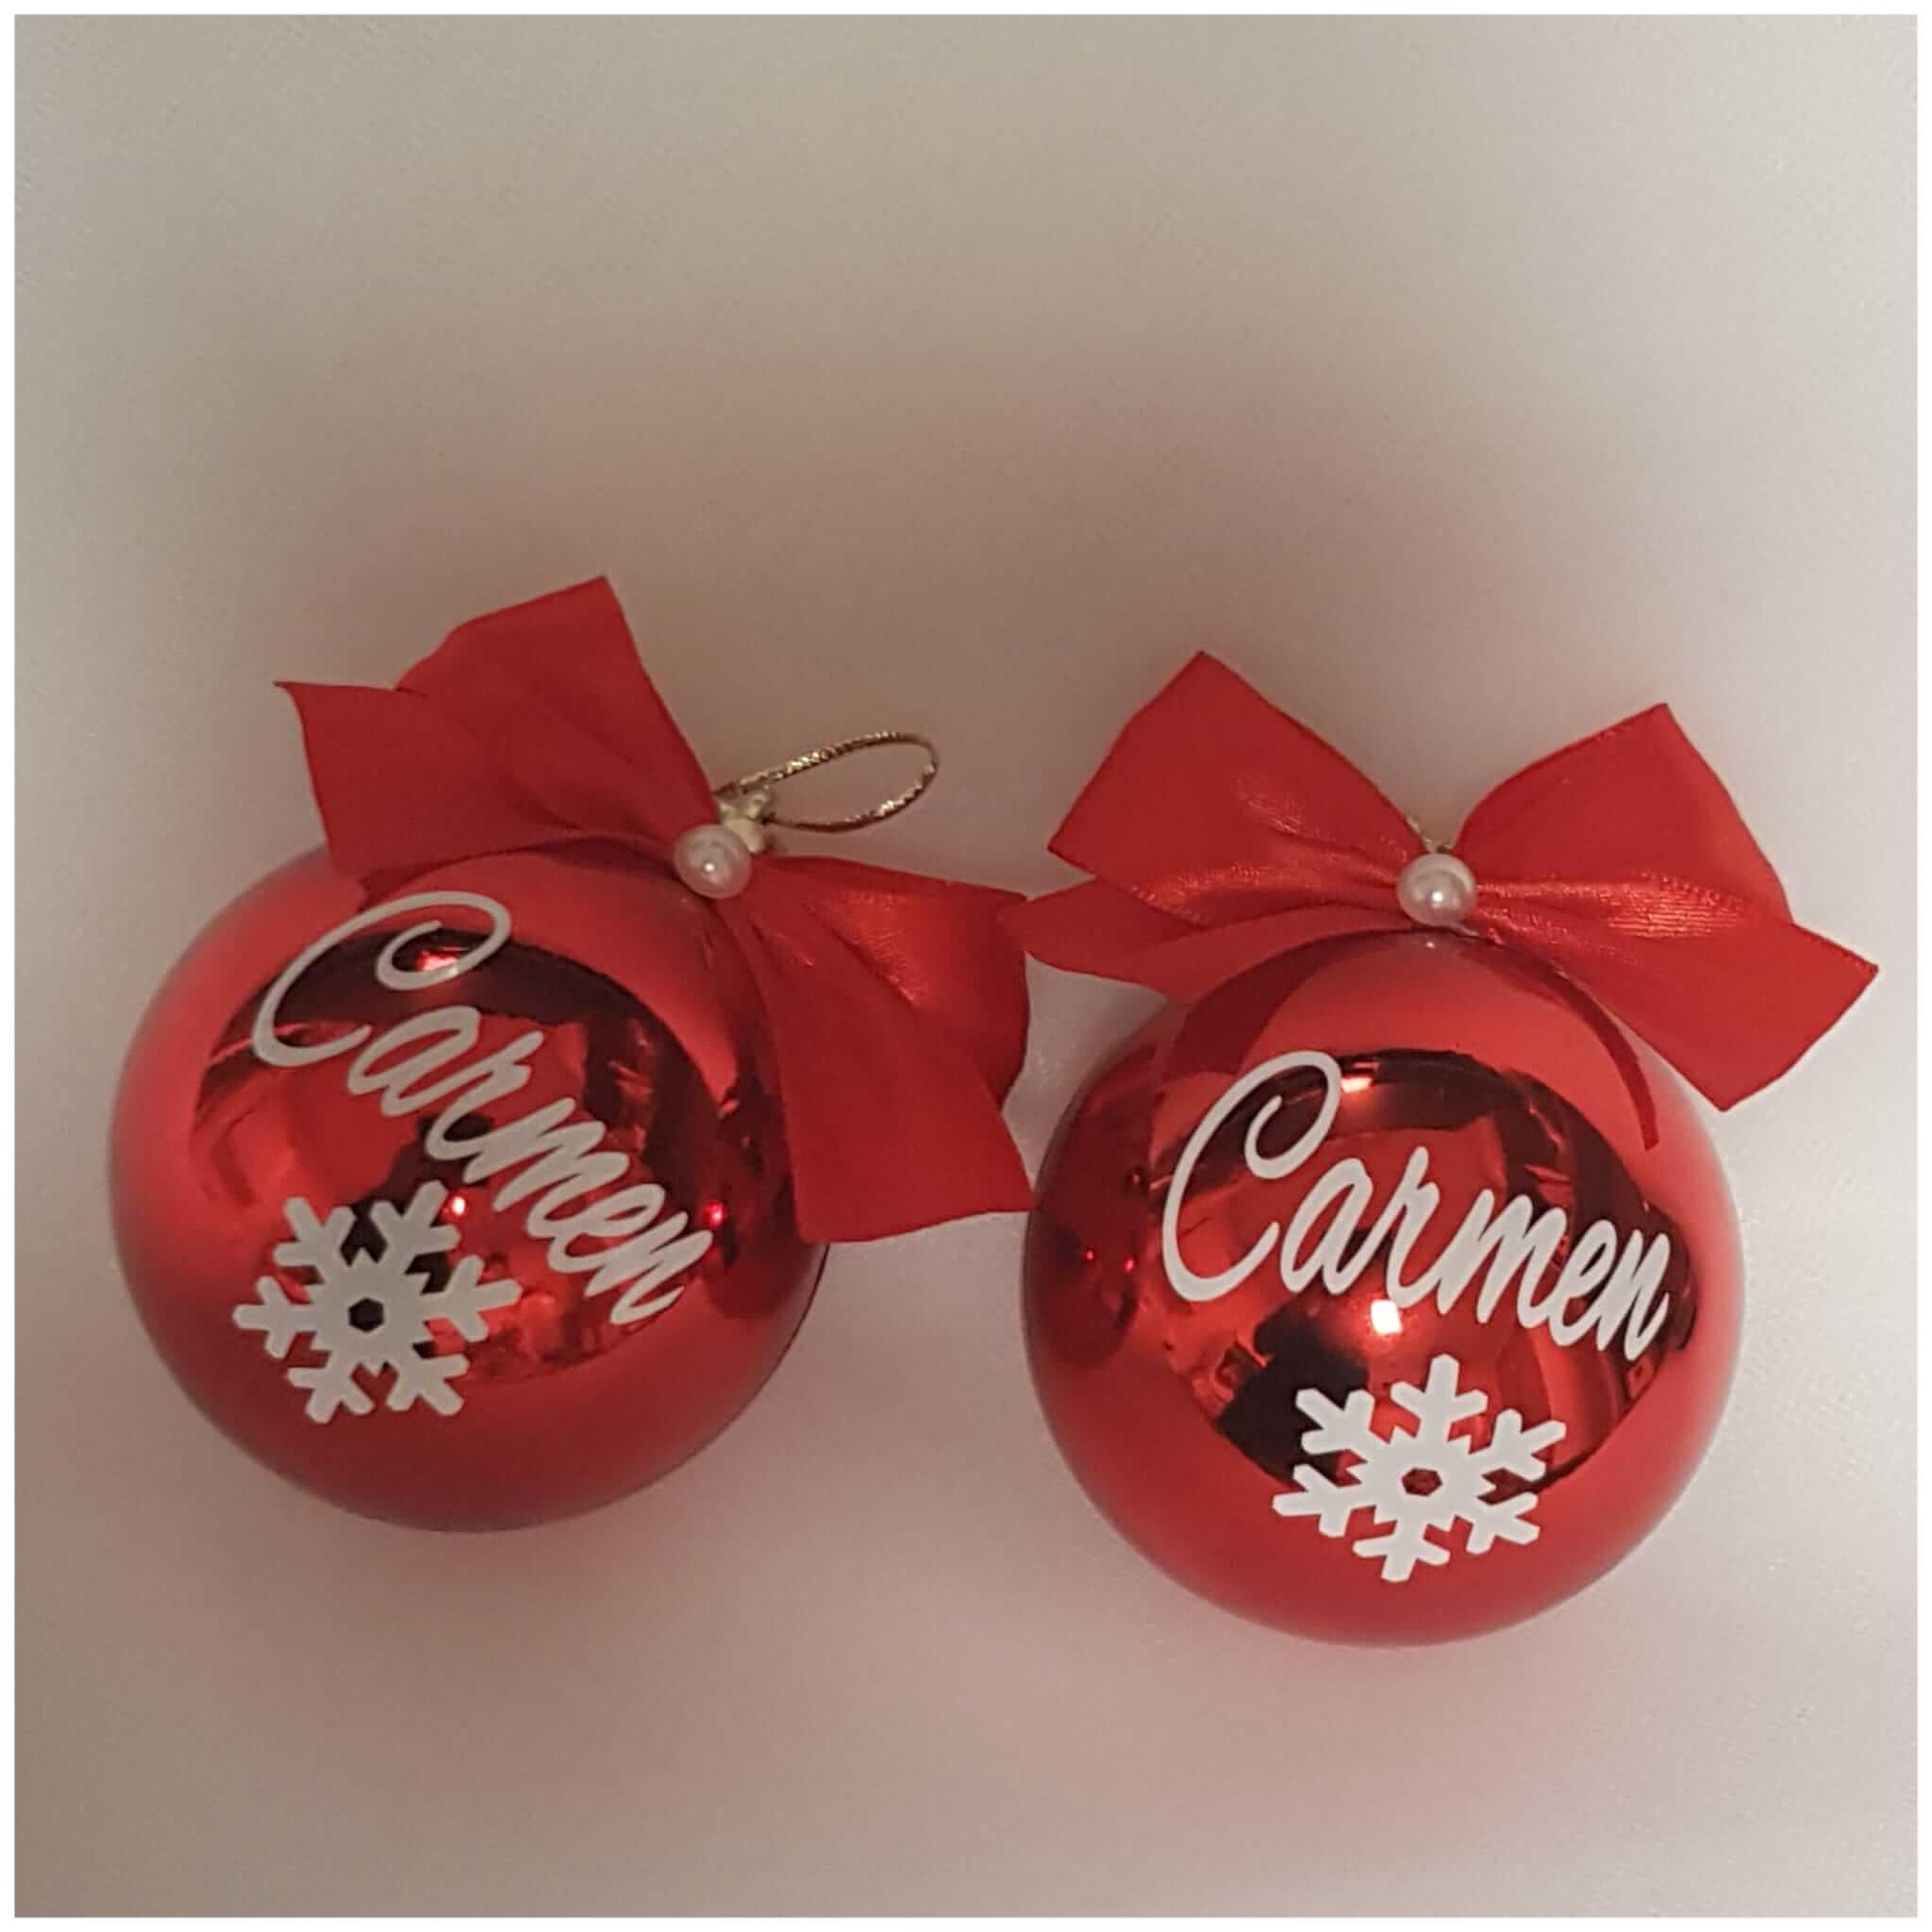 bolas de navidad personalizadas bolas navideñas bola de navidad bolas navidad personalizadas  bolas de navidad - bolas de navidad personalizadas bolas navide  as bola de navidad 4 - Bolas de navidad personalizadas |  Bola de navidad